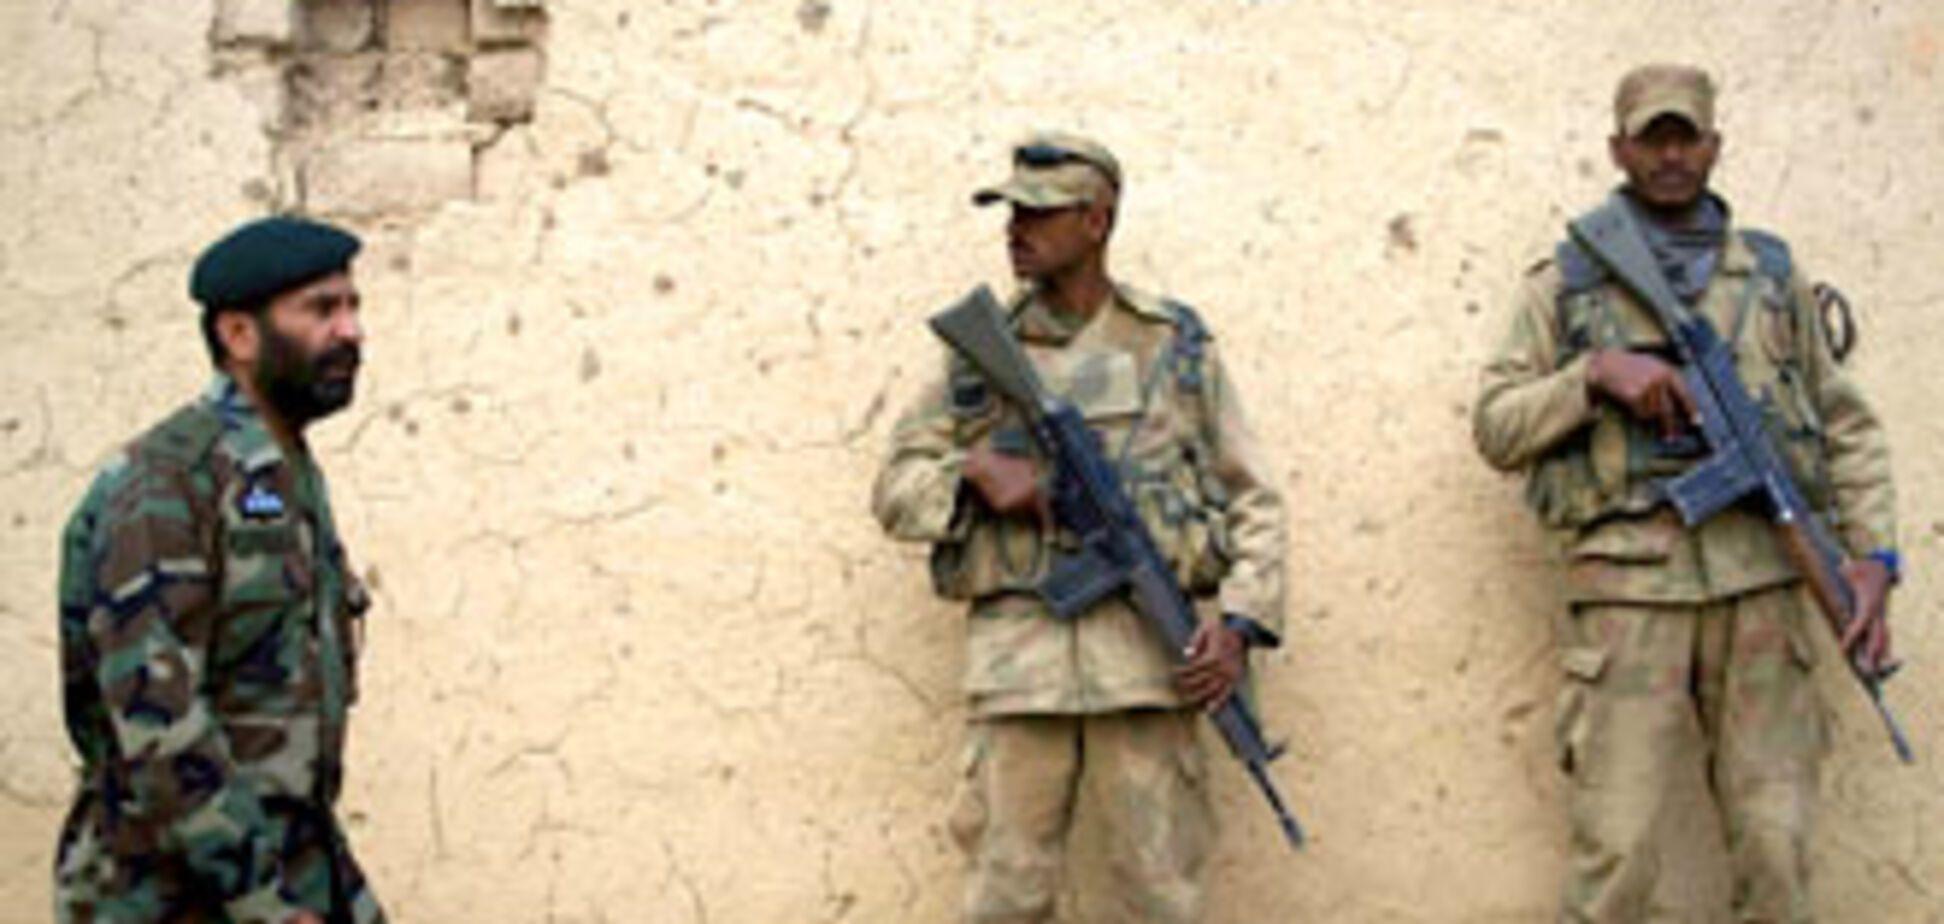 Черговий теракт у Пакистані: понад 20 загиблих